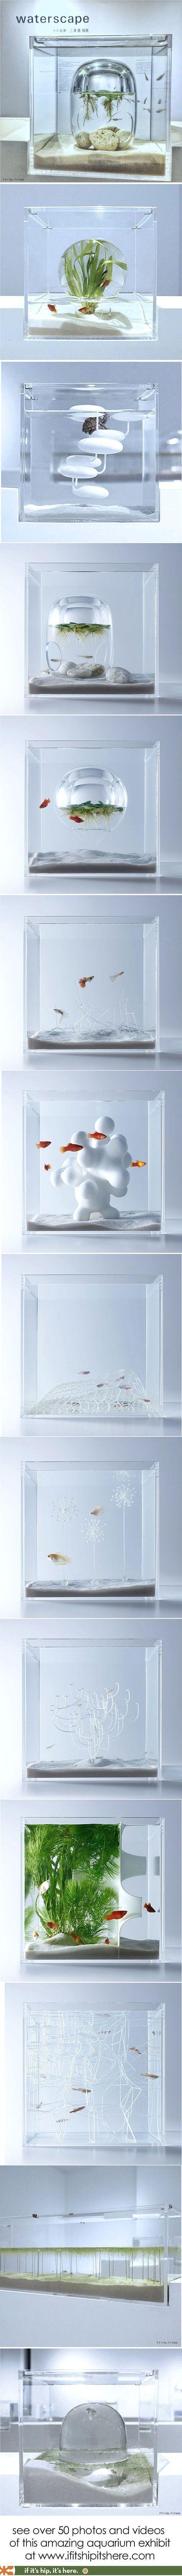 21f3bd6b8e8cececddebd9060d164add Luxe De Crevette Aquarium Des Idées